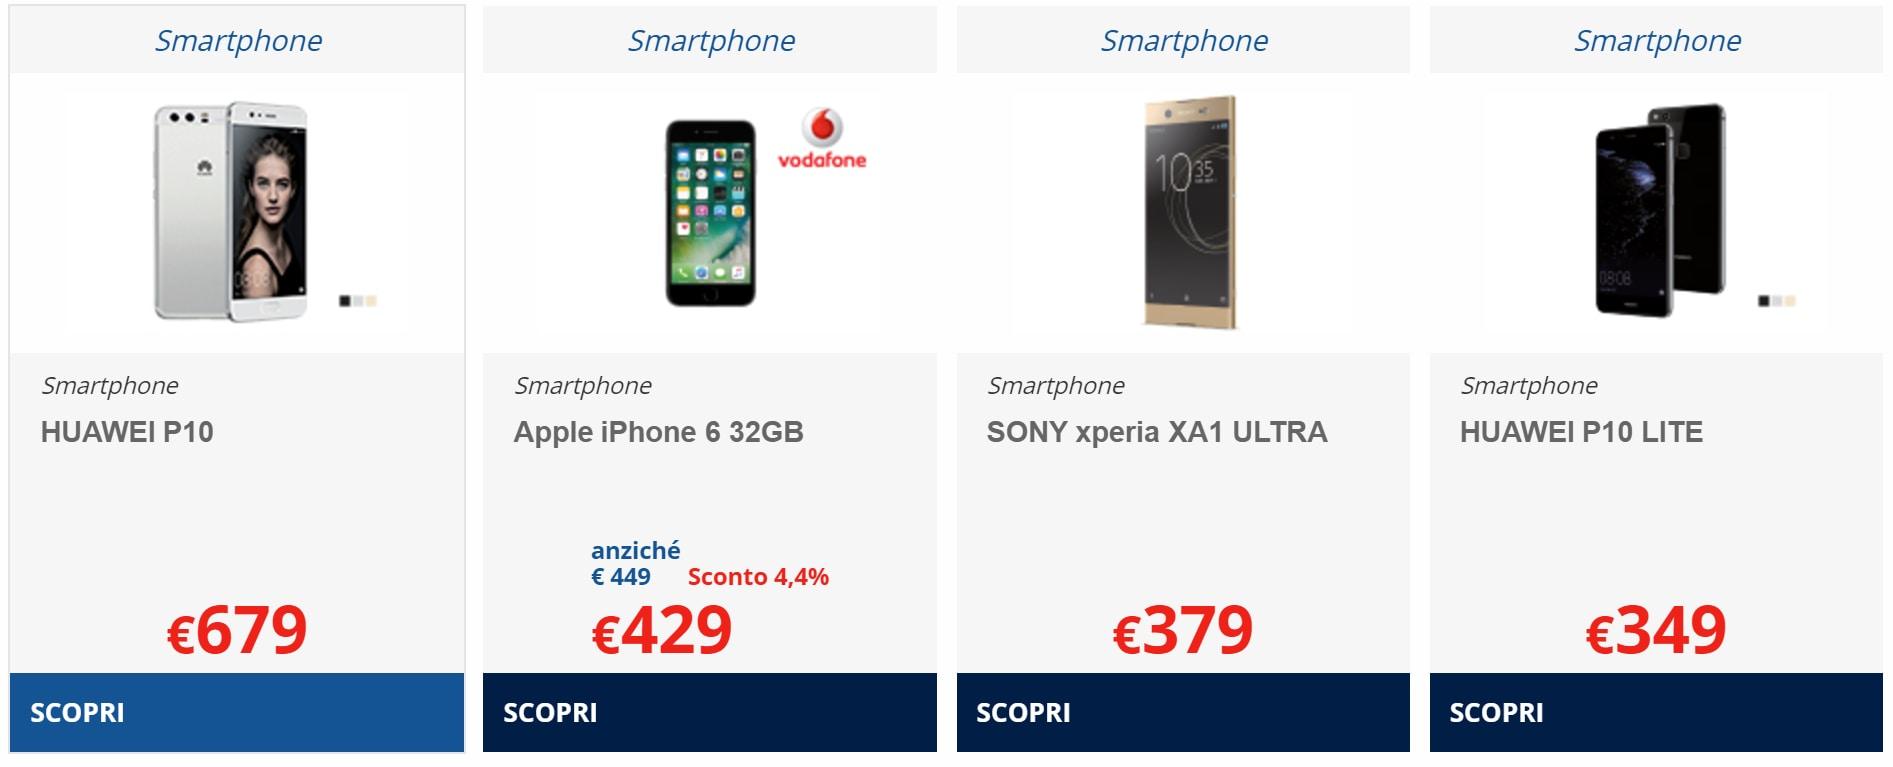 Volantino Euronics 11-24 maggio speciale smartphone 2017 (8)